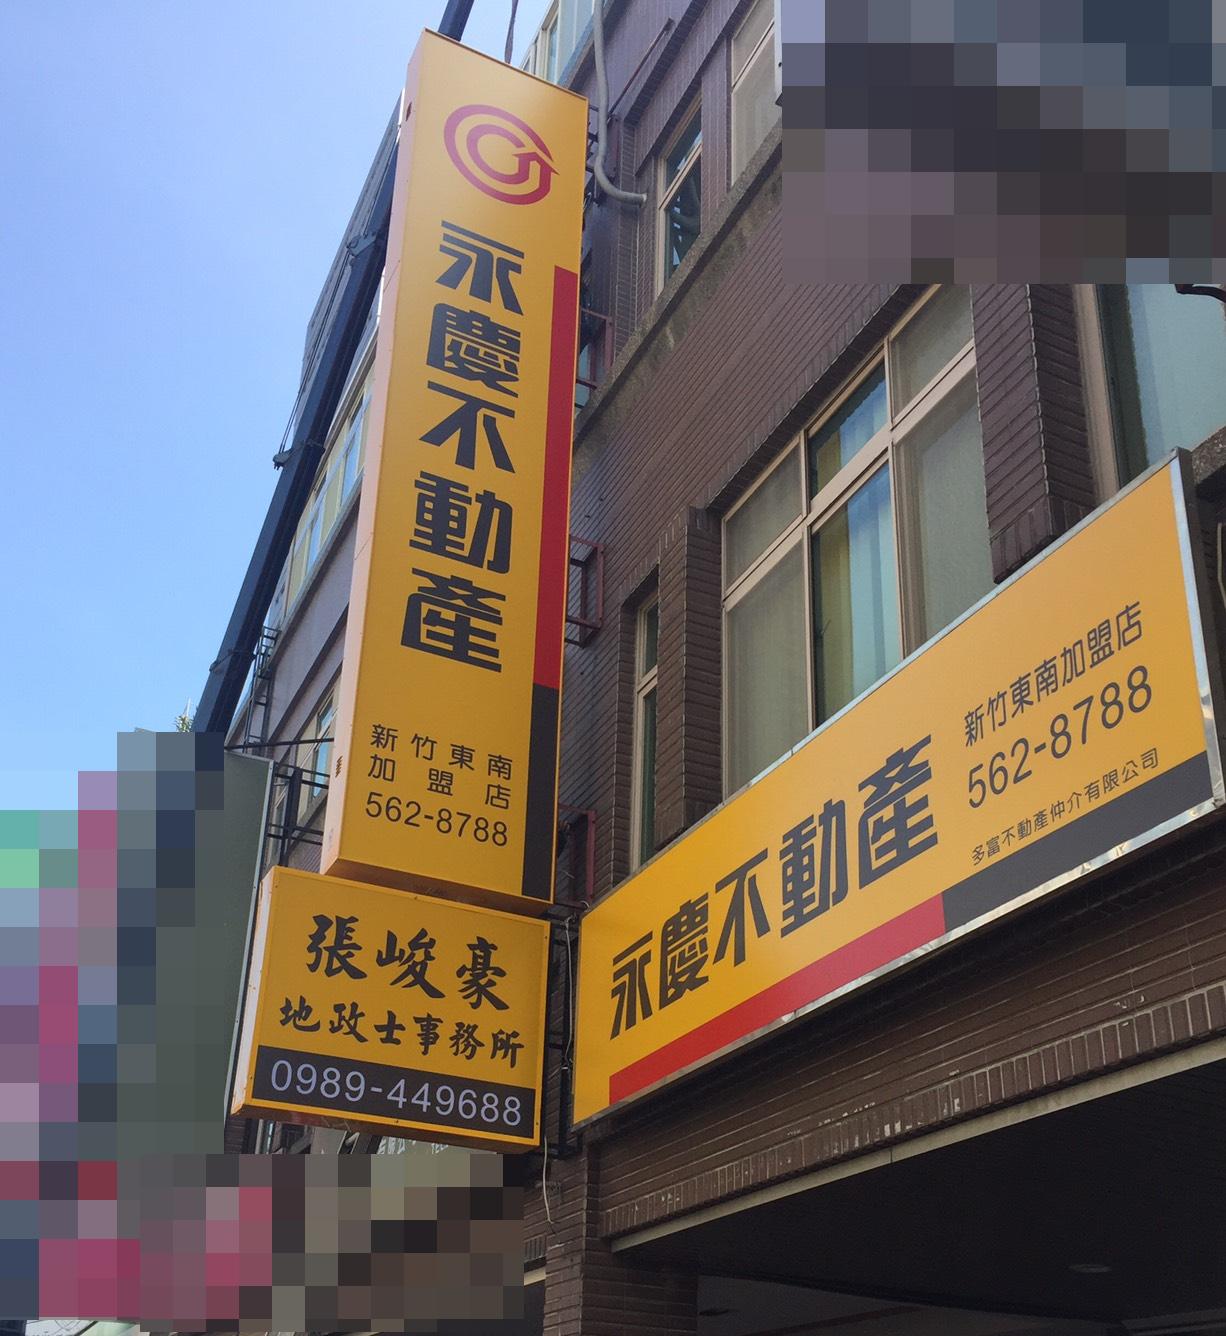 新竹東南加盟店-多富不動產仲介有限公司